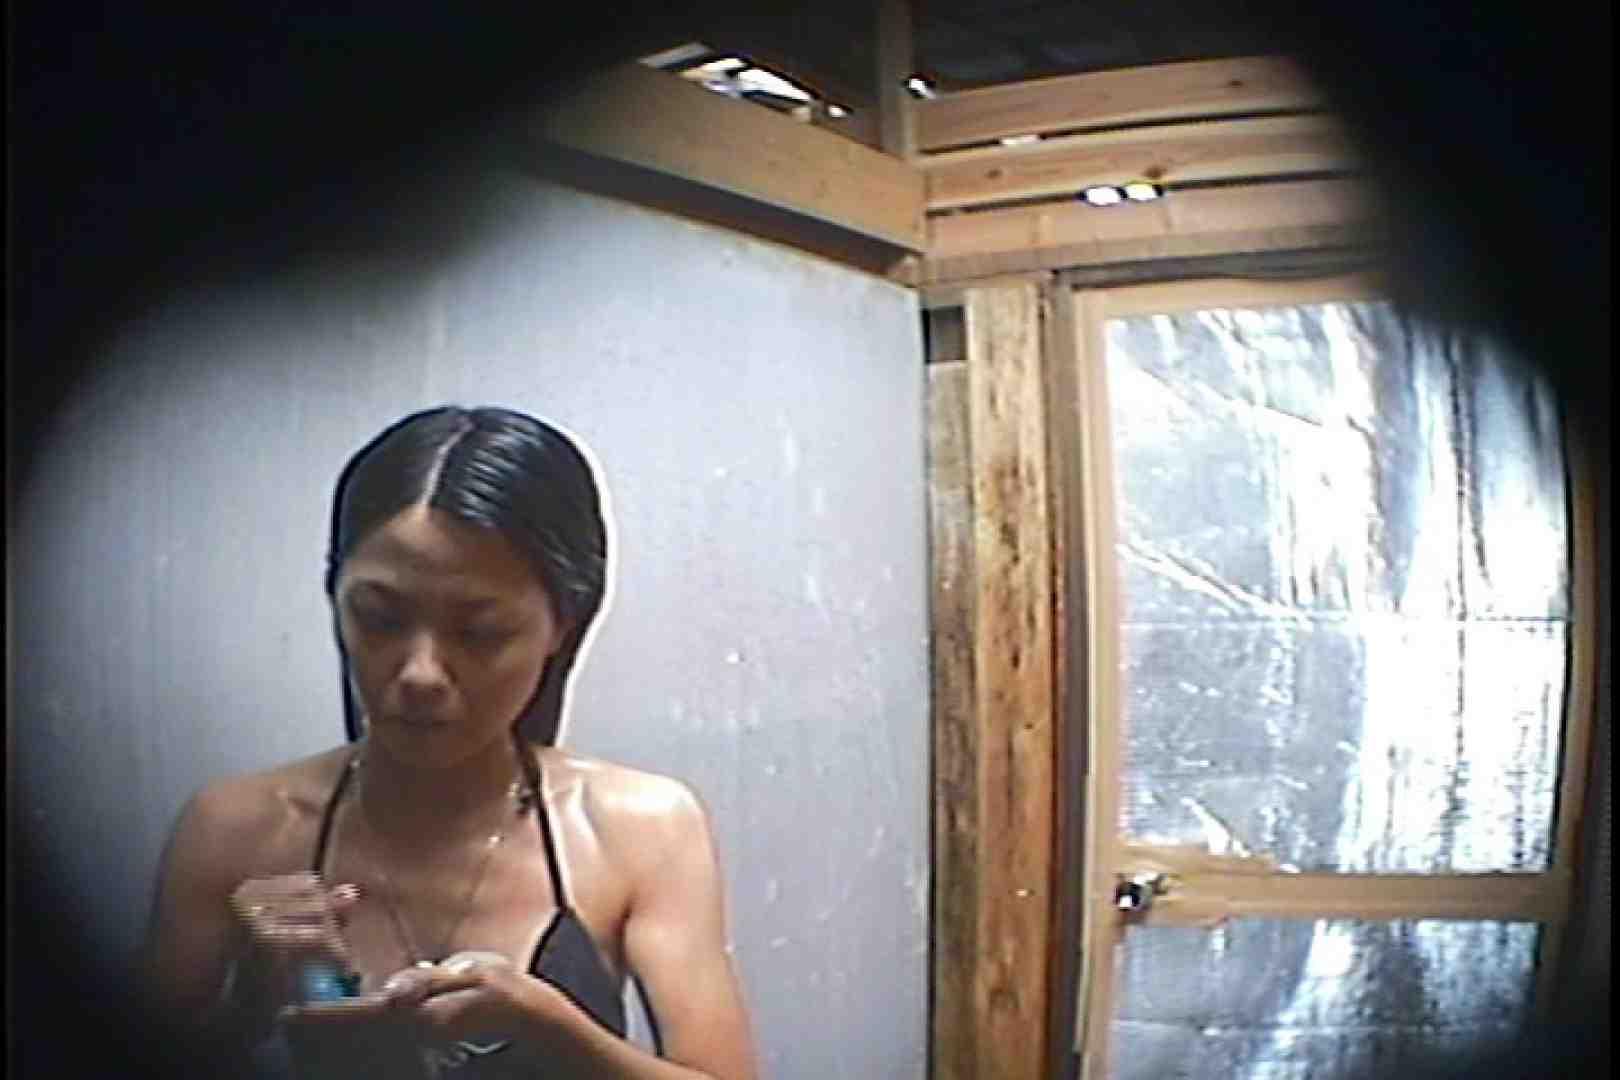 海の家の更衣室 Vol.45 シャワー中 | 美女達のヌード  64連発 44